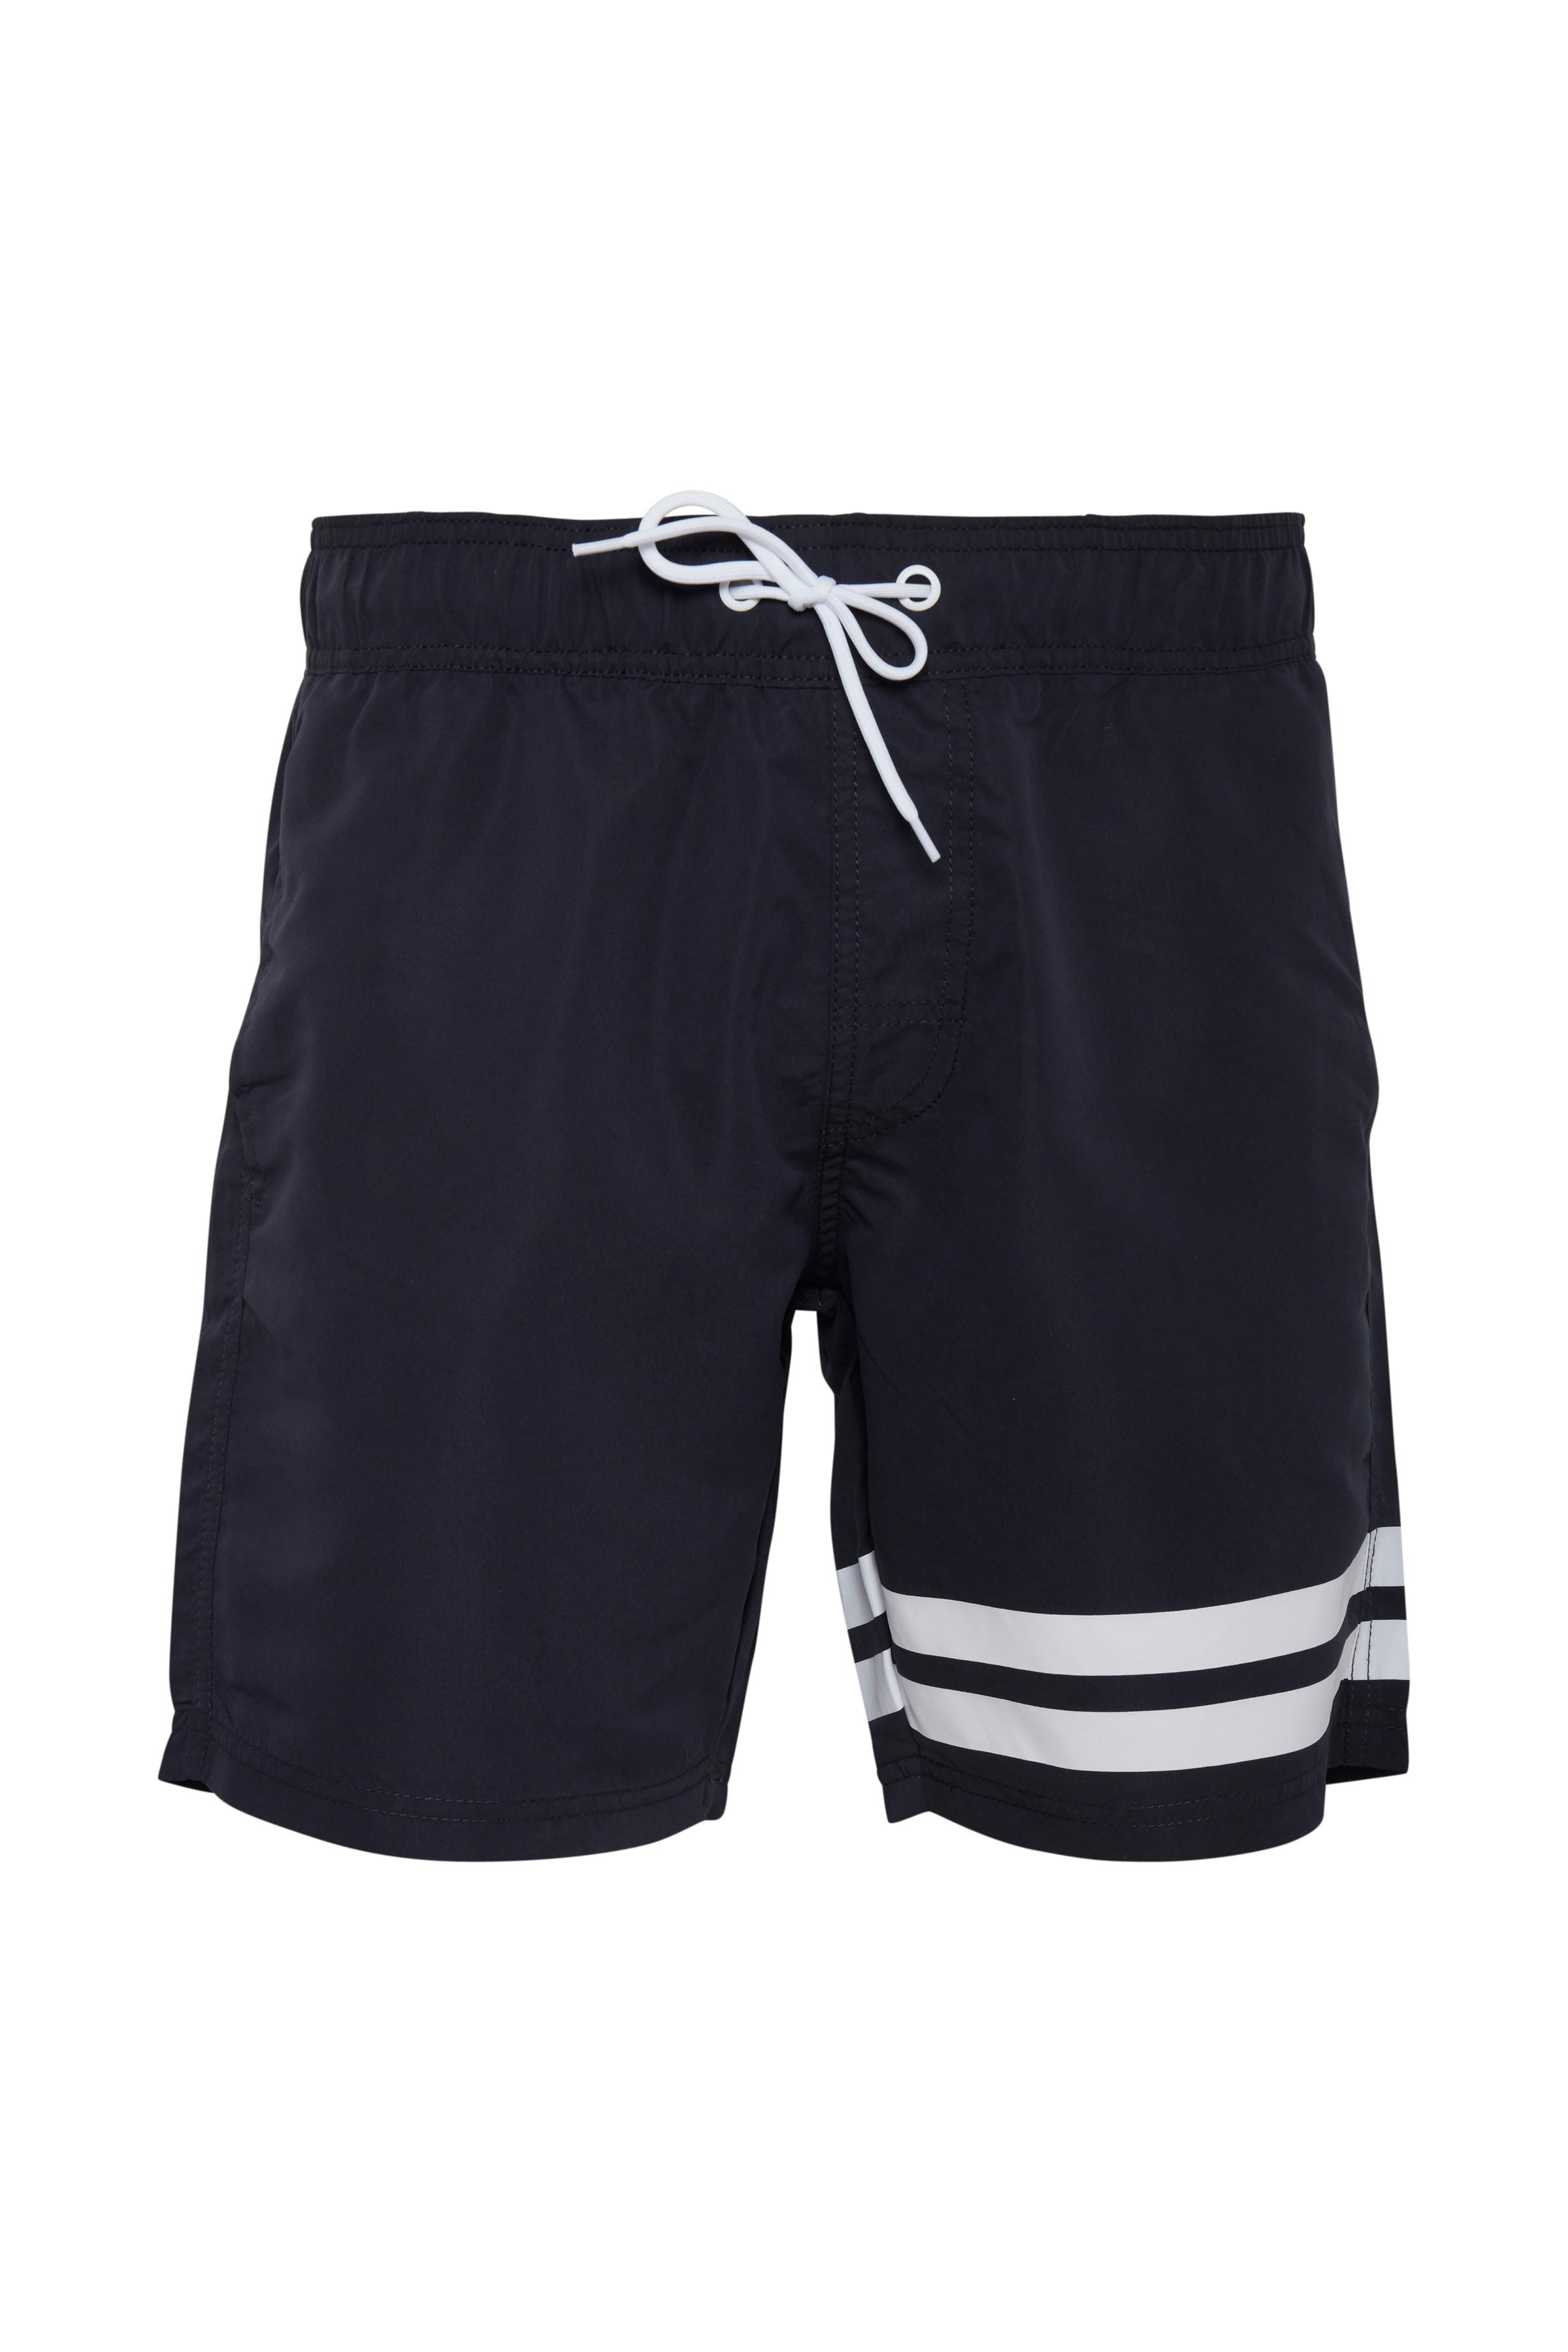 Dark Navy Blue Badetøj – Køb Dark Navy Blue Badetøj fra str. S-XXL her